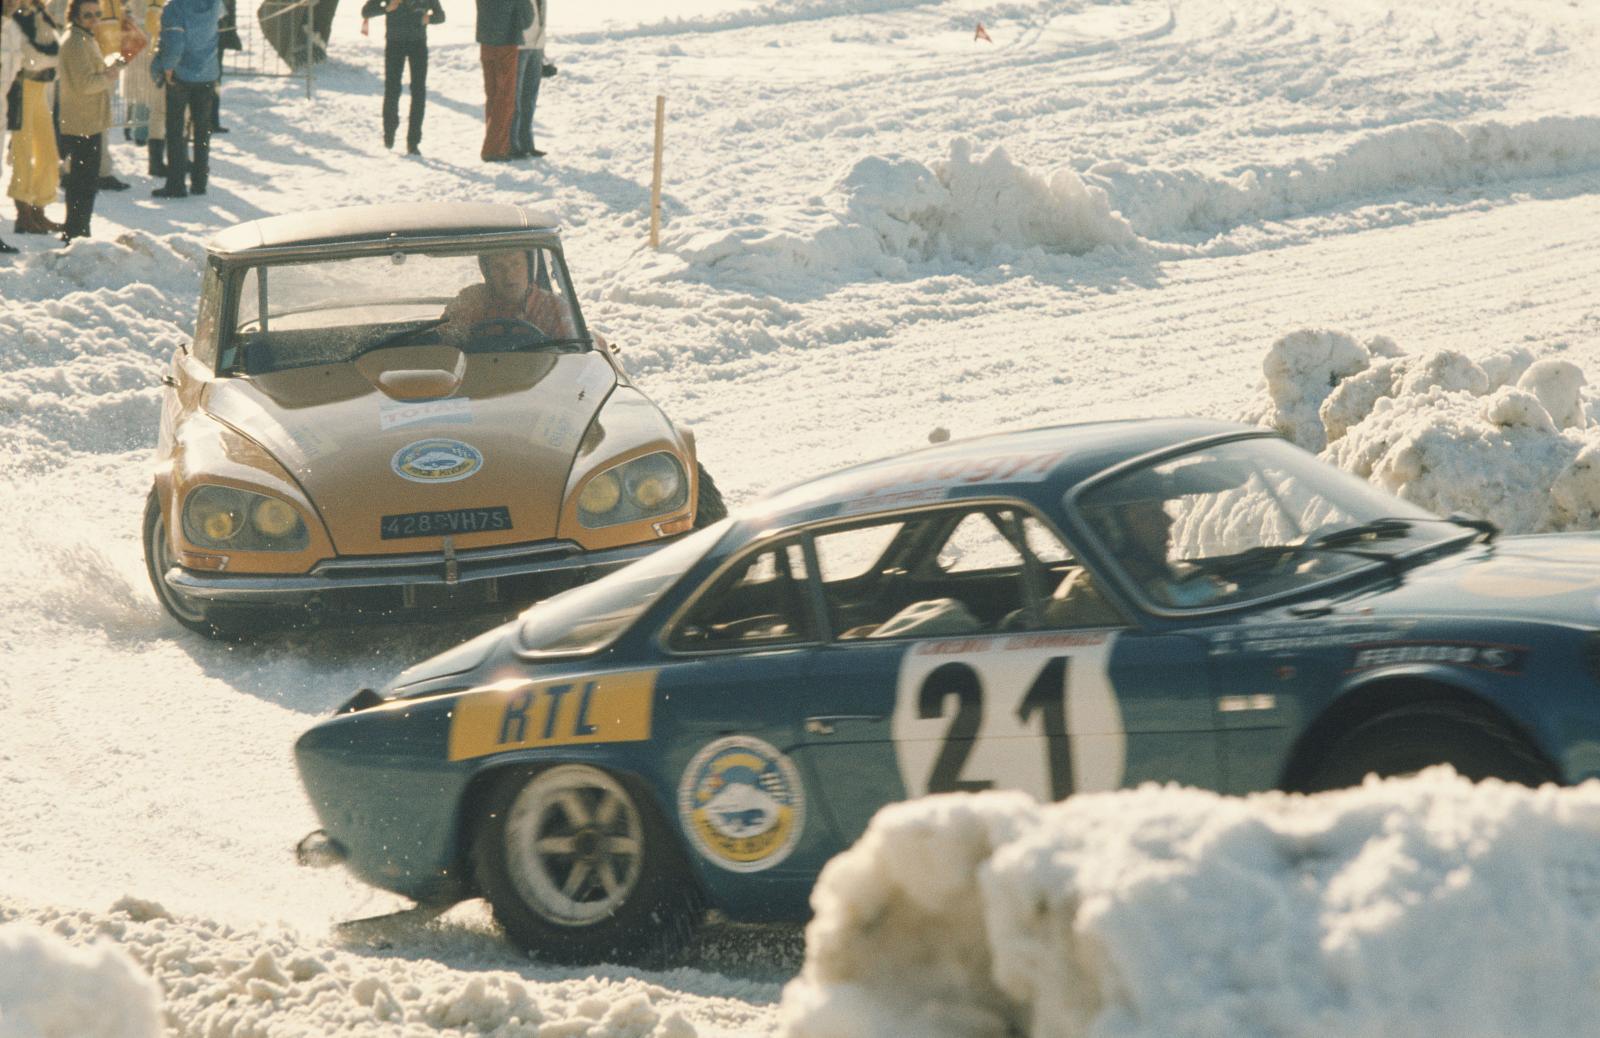 Ronde hivernale de Chamonix - DS 21 - 1972